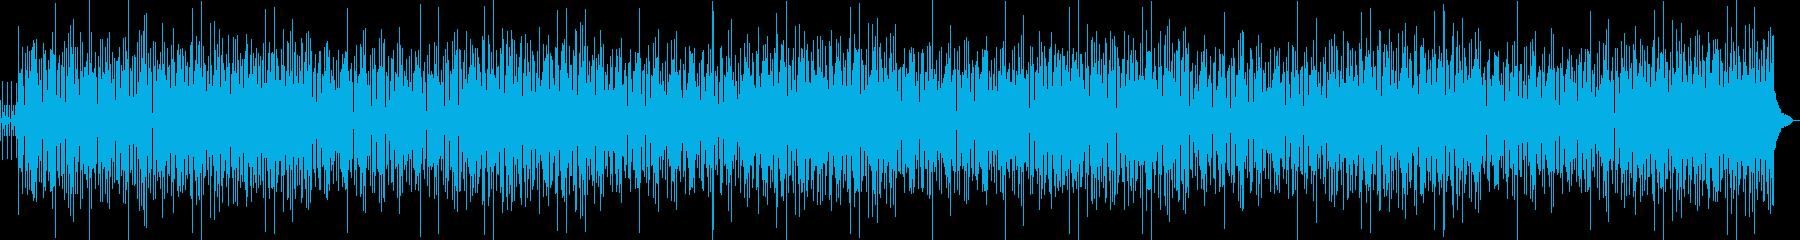 控えめでリズミカルなジャジーの再生済みの波形